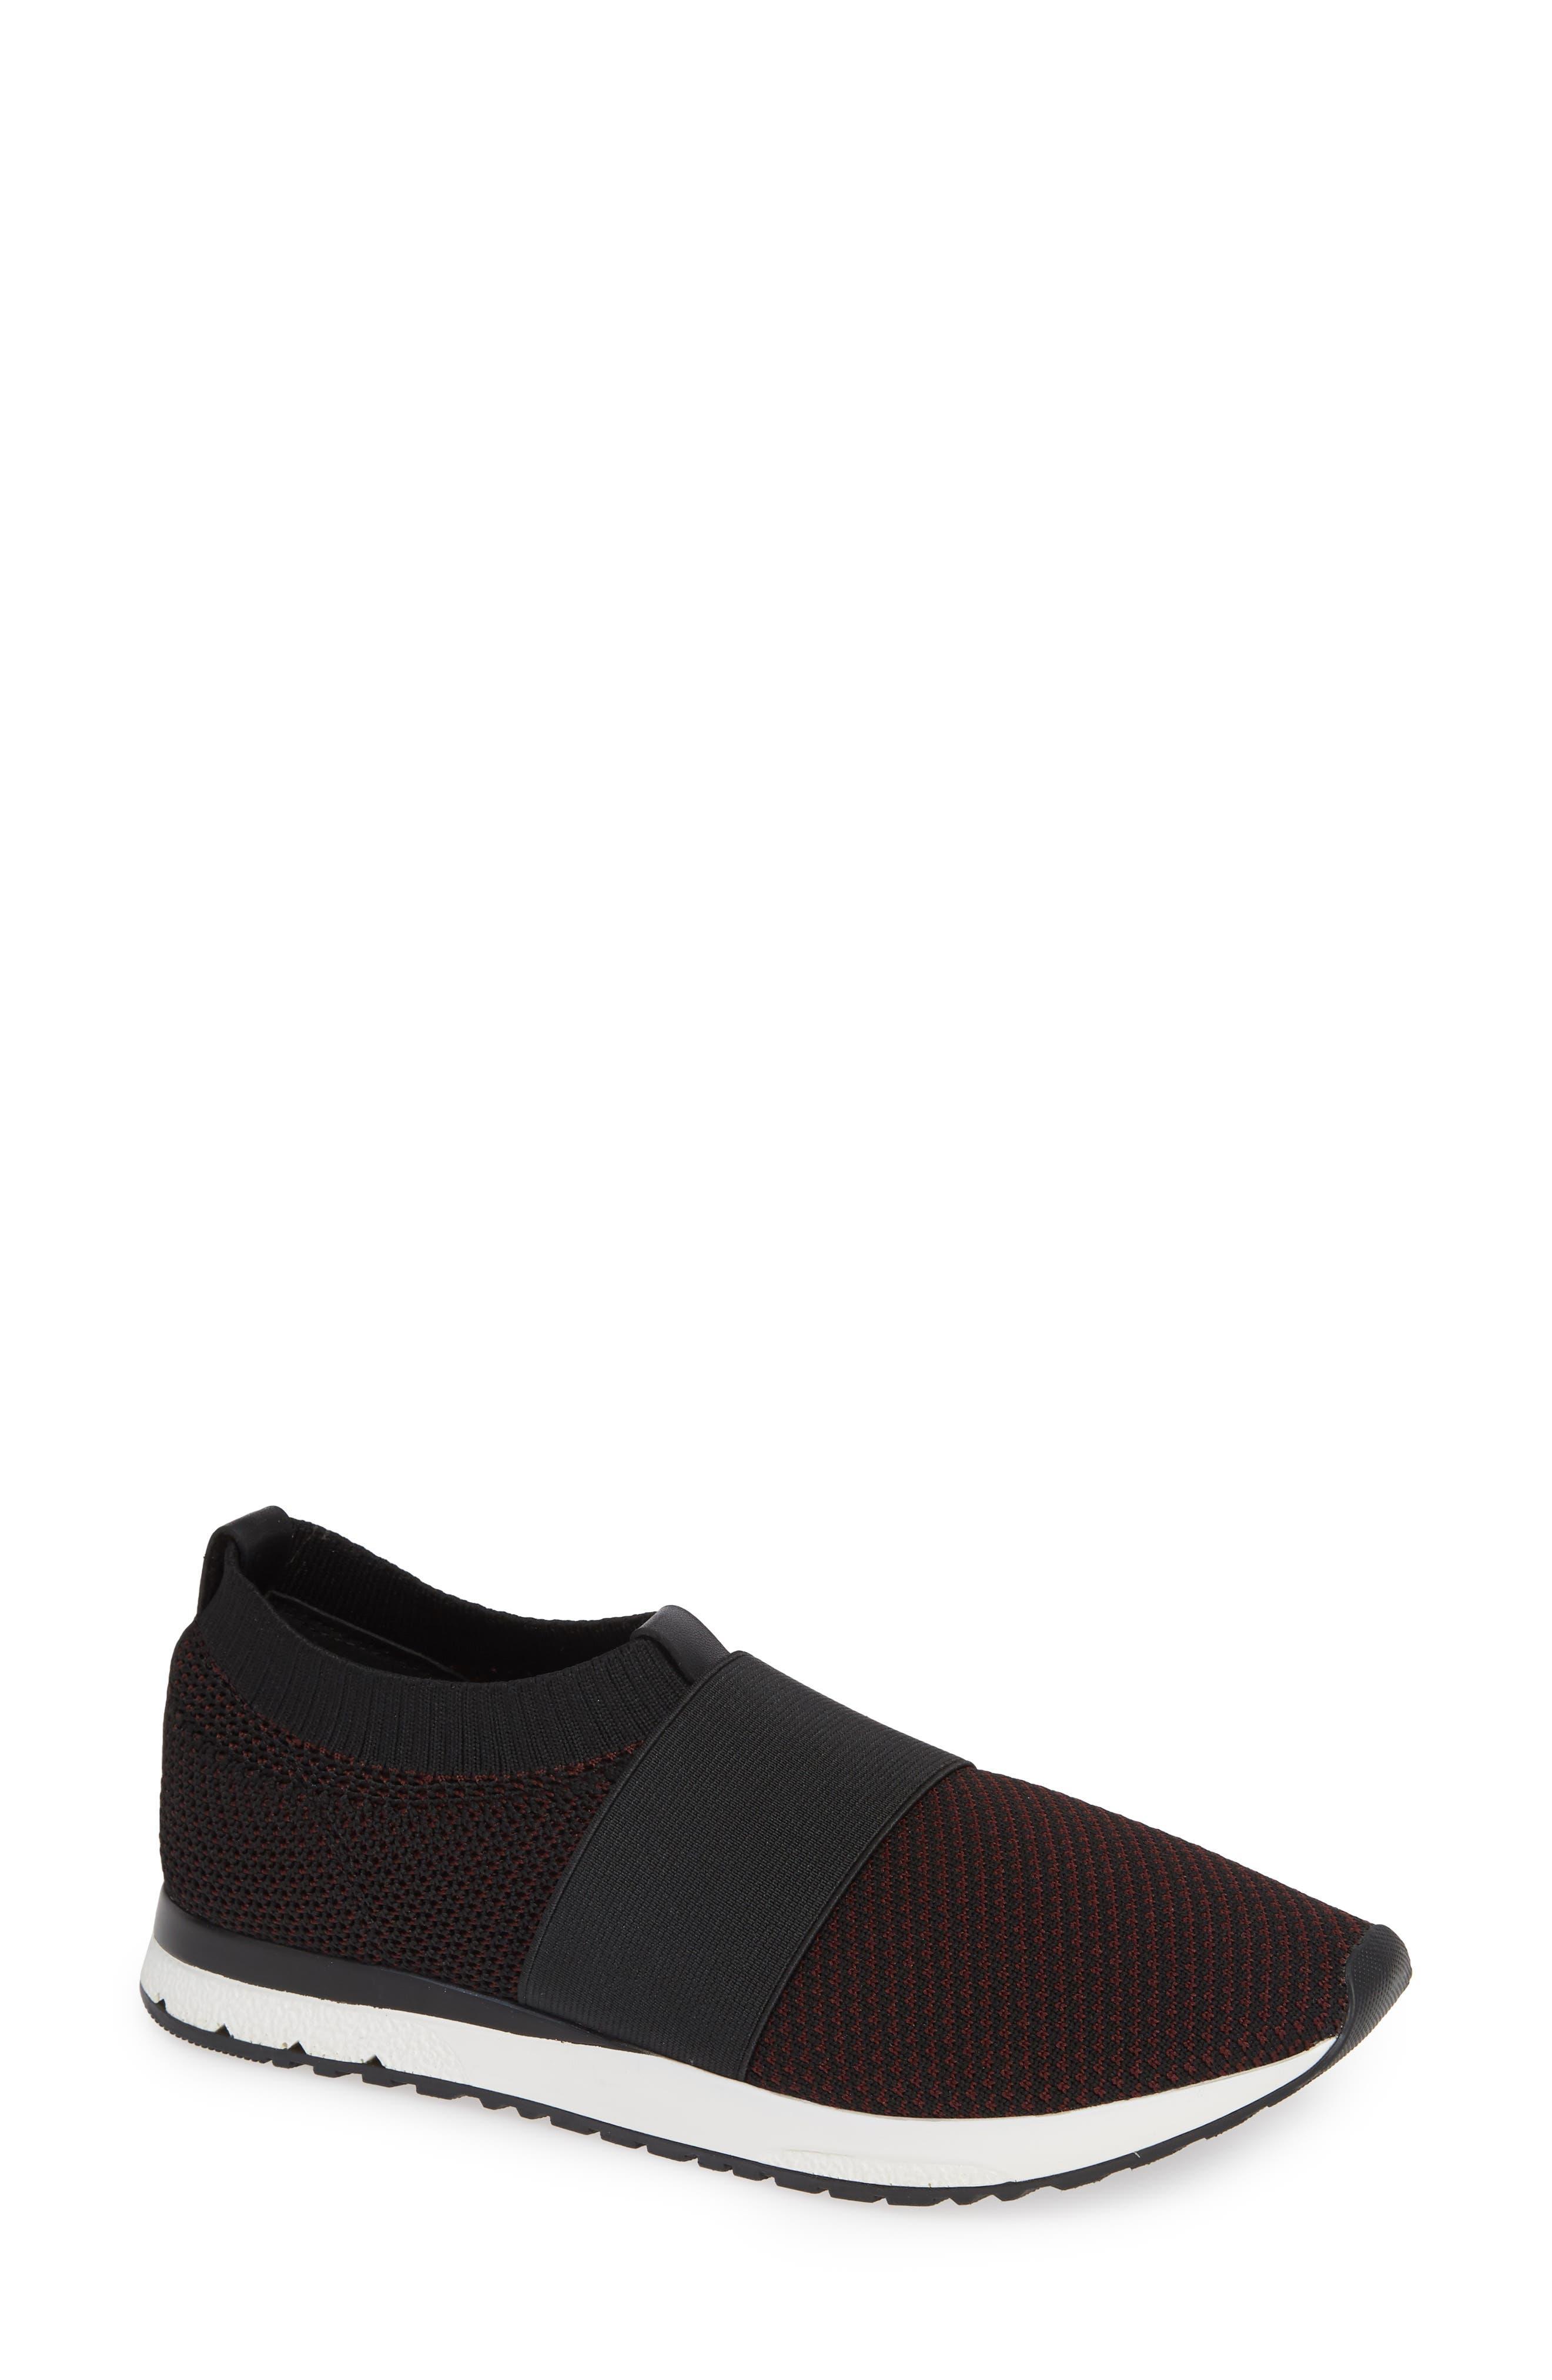 ,                             Brooke Slip-On Sneaker,                             Main thumbnail 1, color,                             BLACK/ WINE KNIT FABRIC